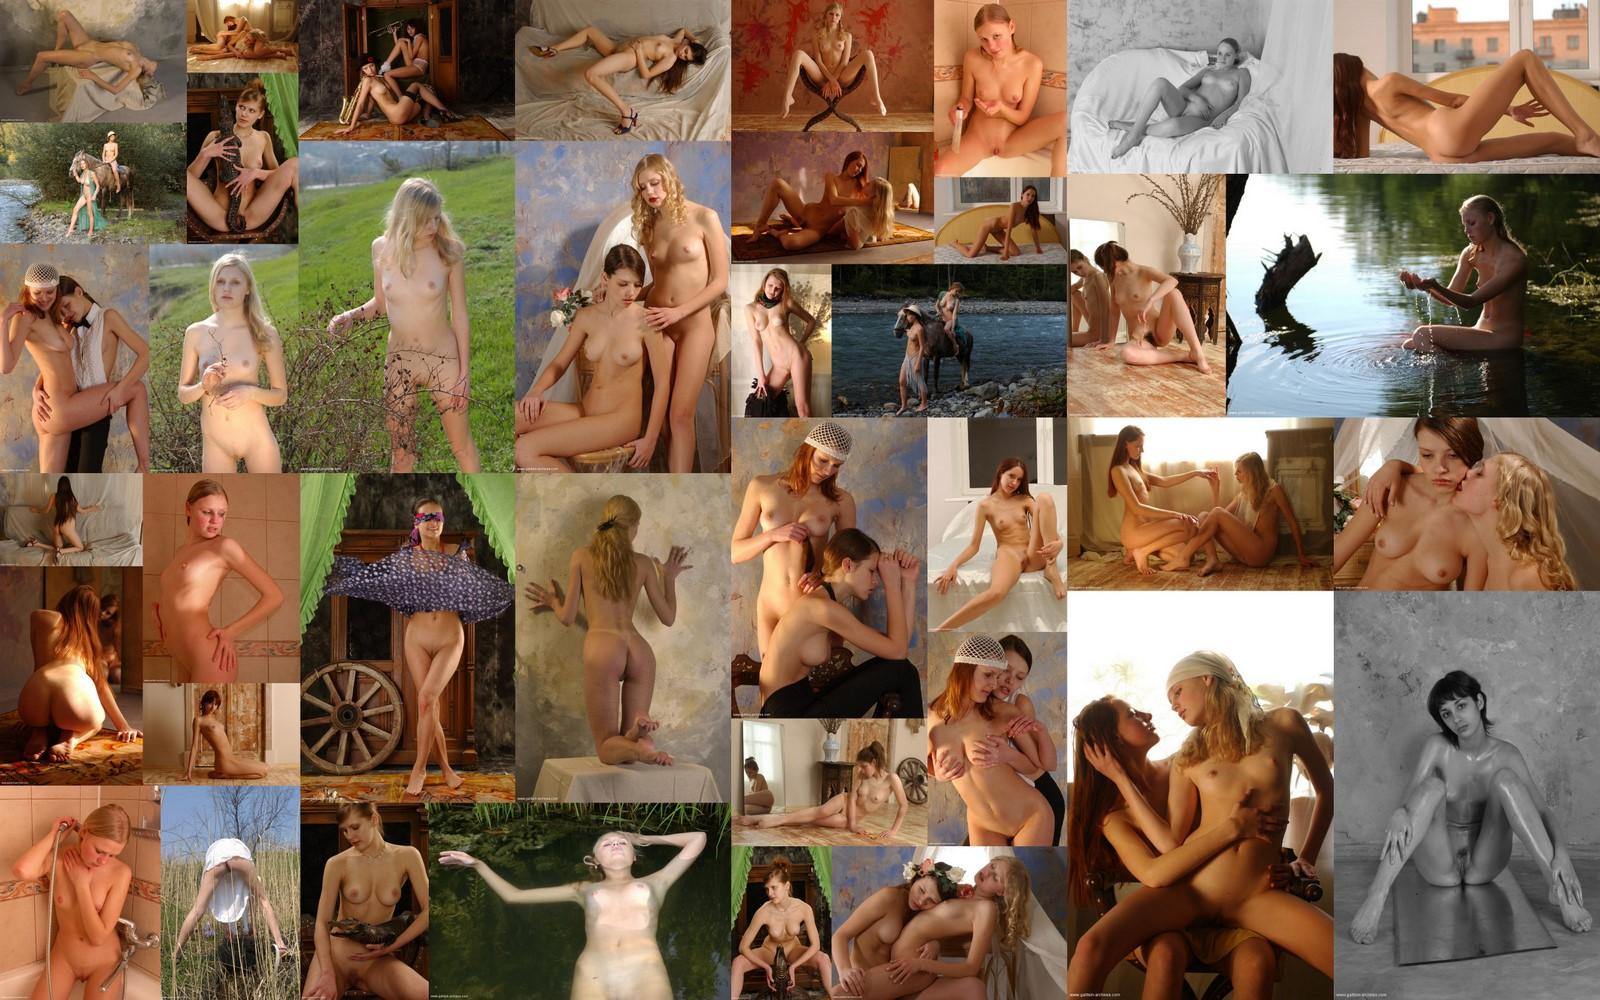 коллекция качественных эротических фоторабот знаменитого русского фотографа